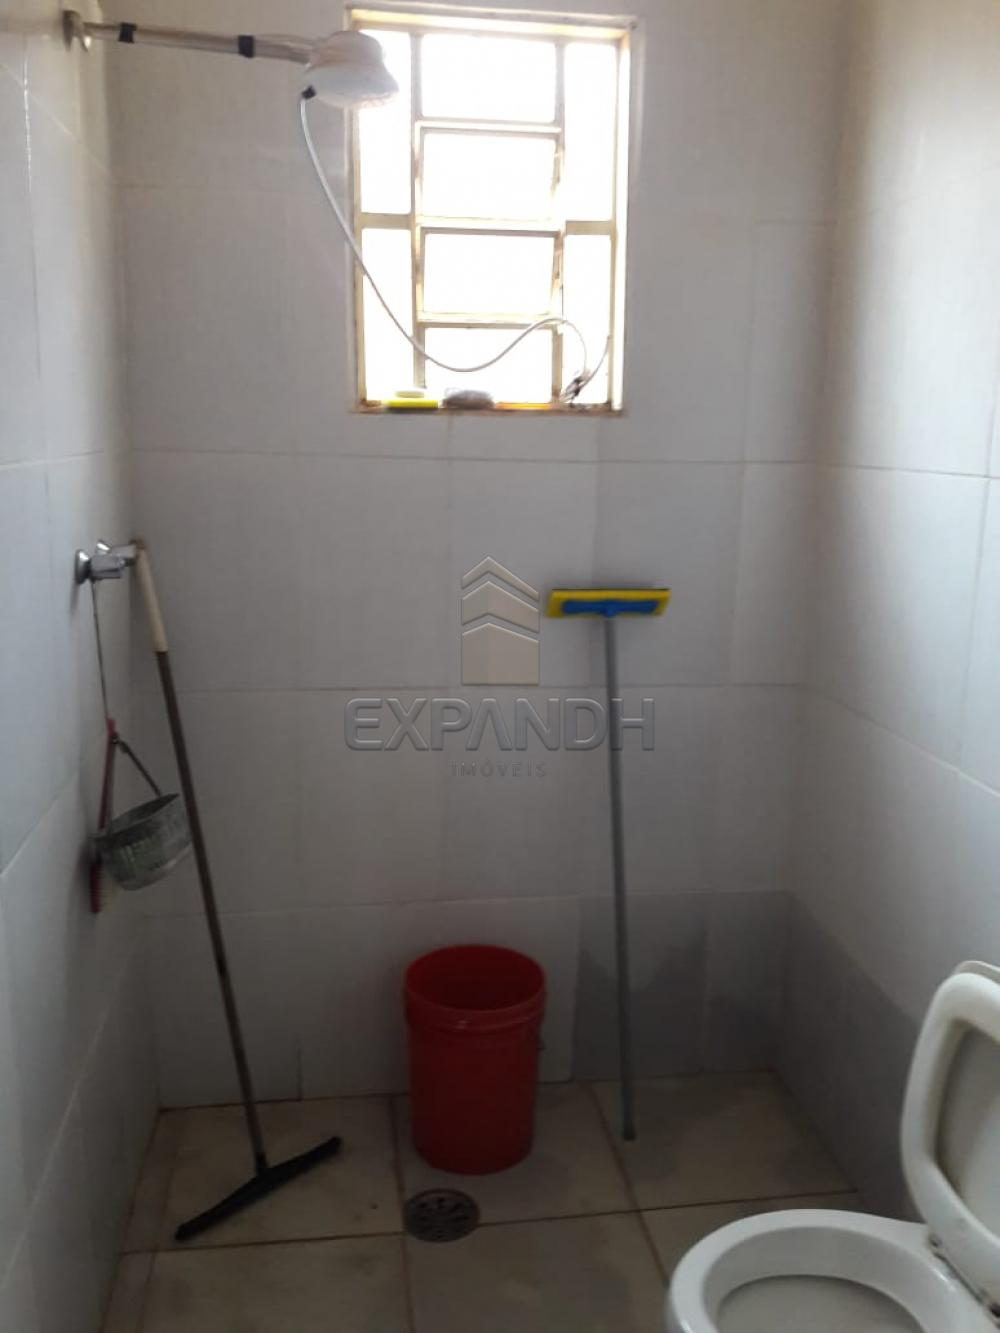 Comprar Casas / Padrão em Sertãozinho R$ 150.000,00 - Foto 5